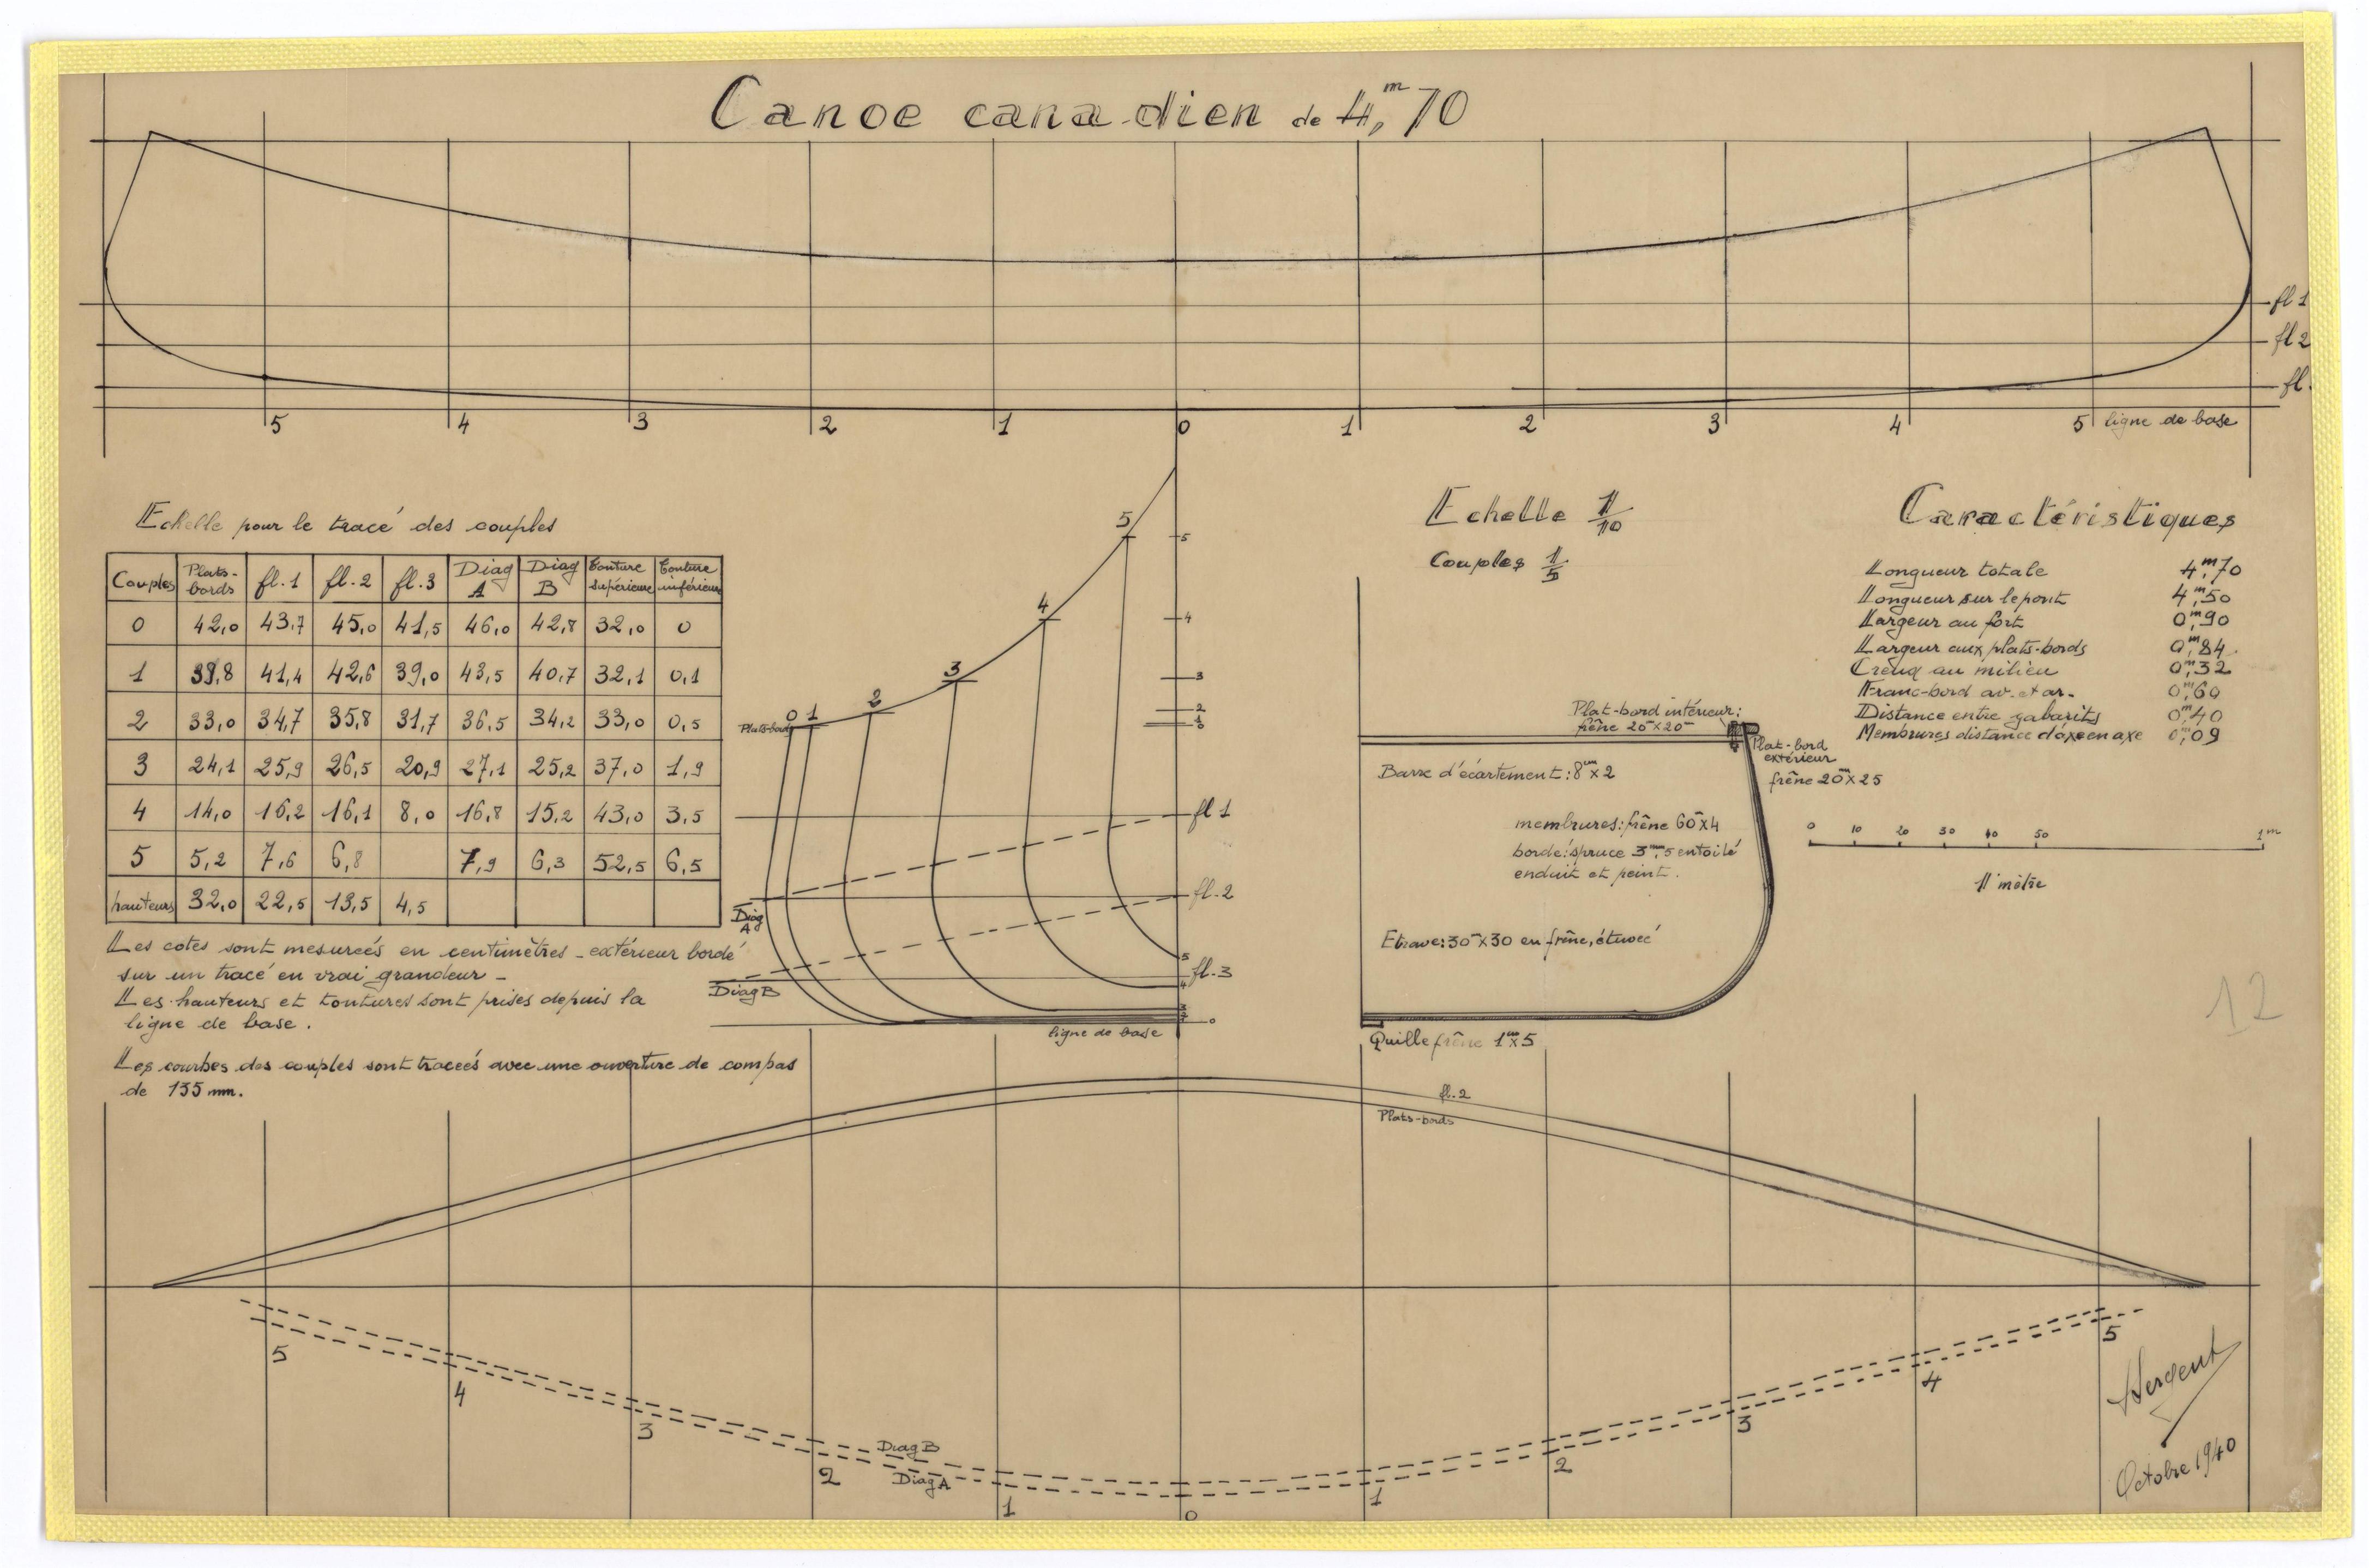 Plan canoe bois gratuit atelier retouche paris for Plan de construction